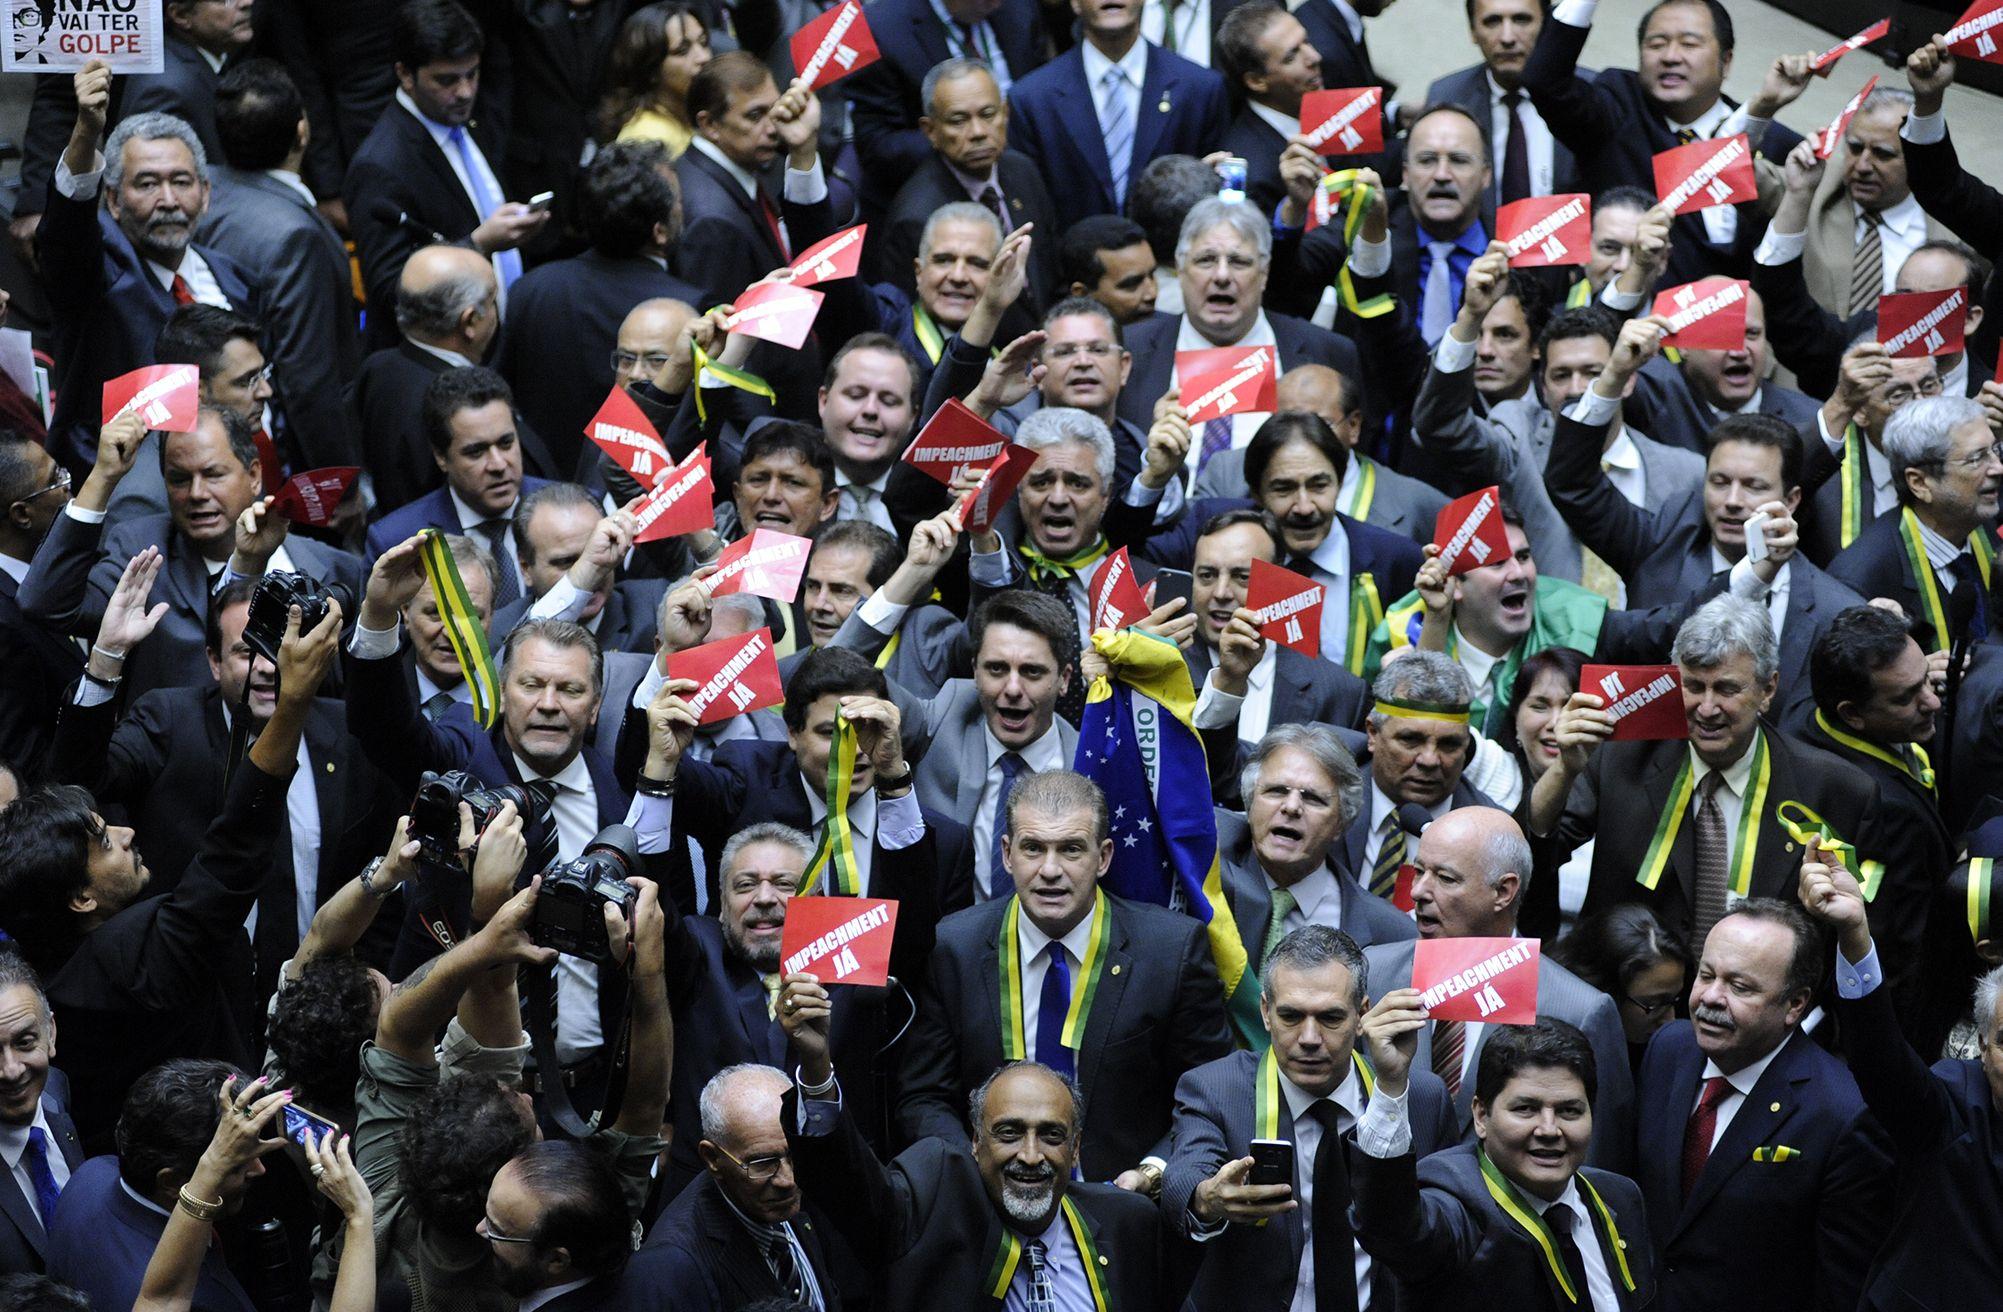 Lembram daquela exposição de mediocridade quando do impeachment de Dilma?